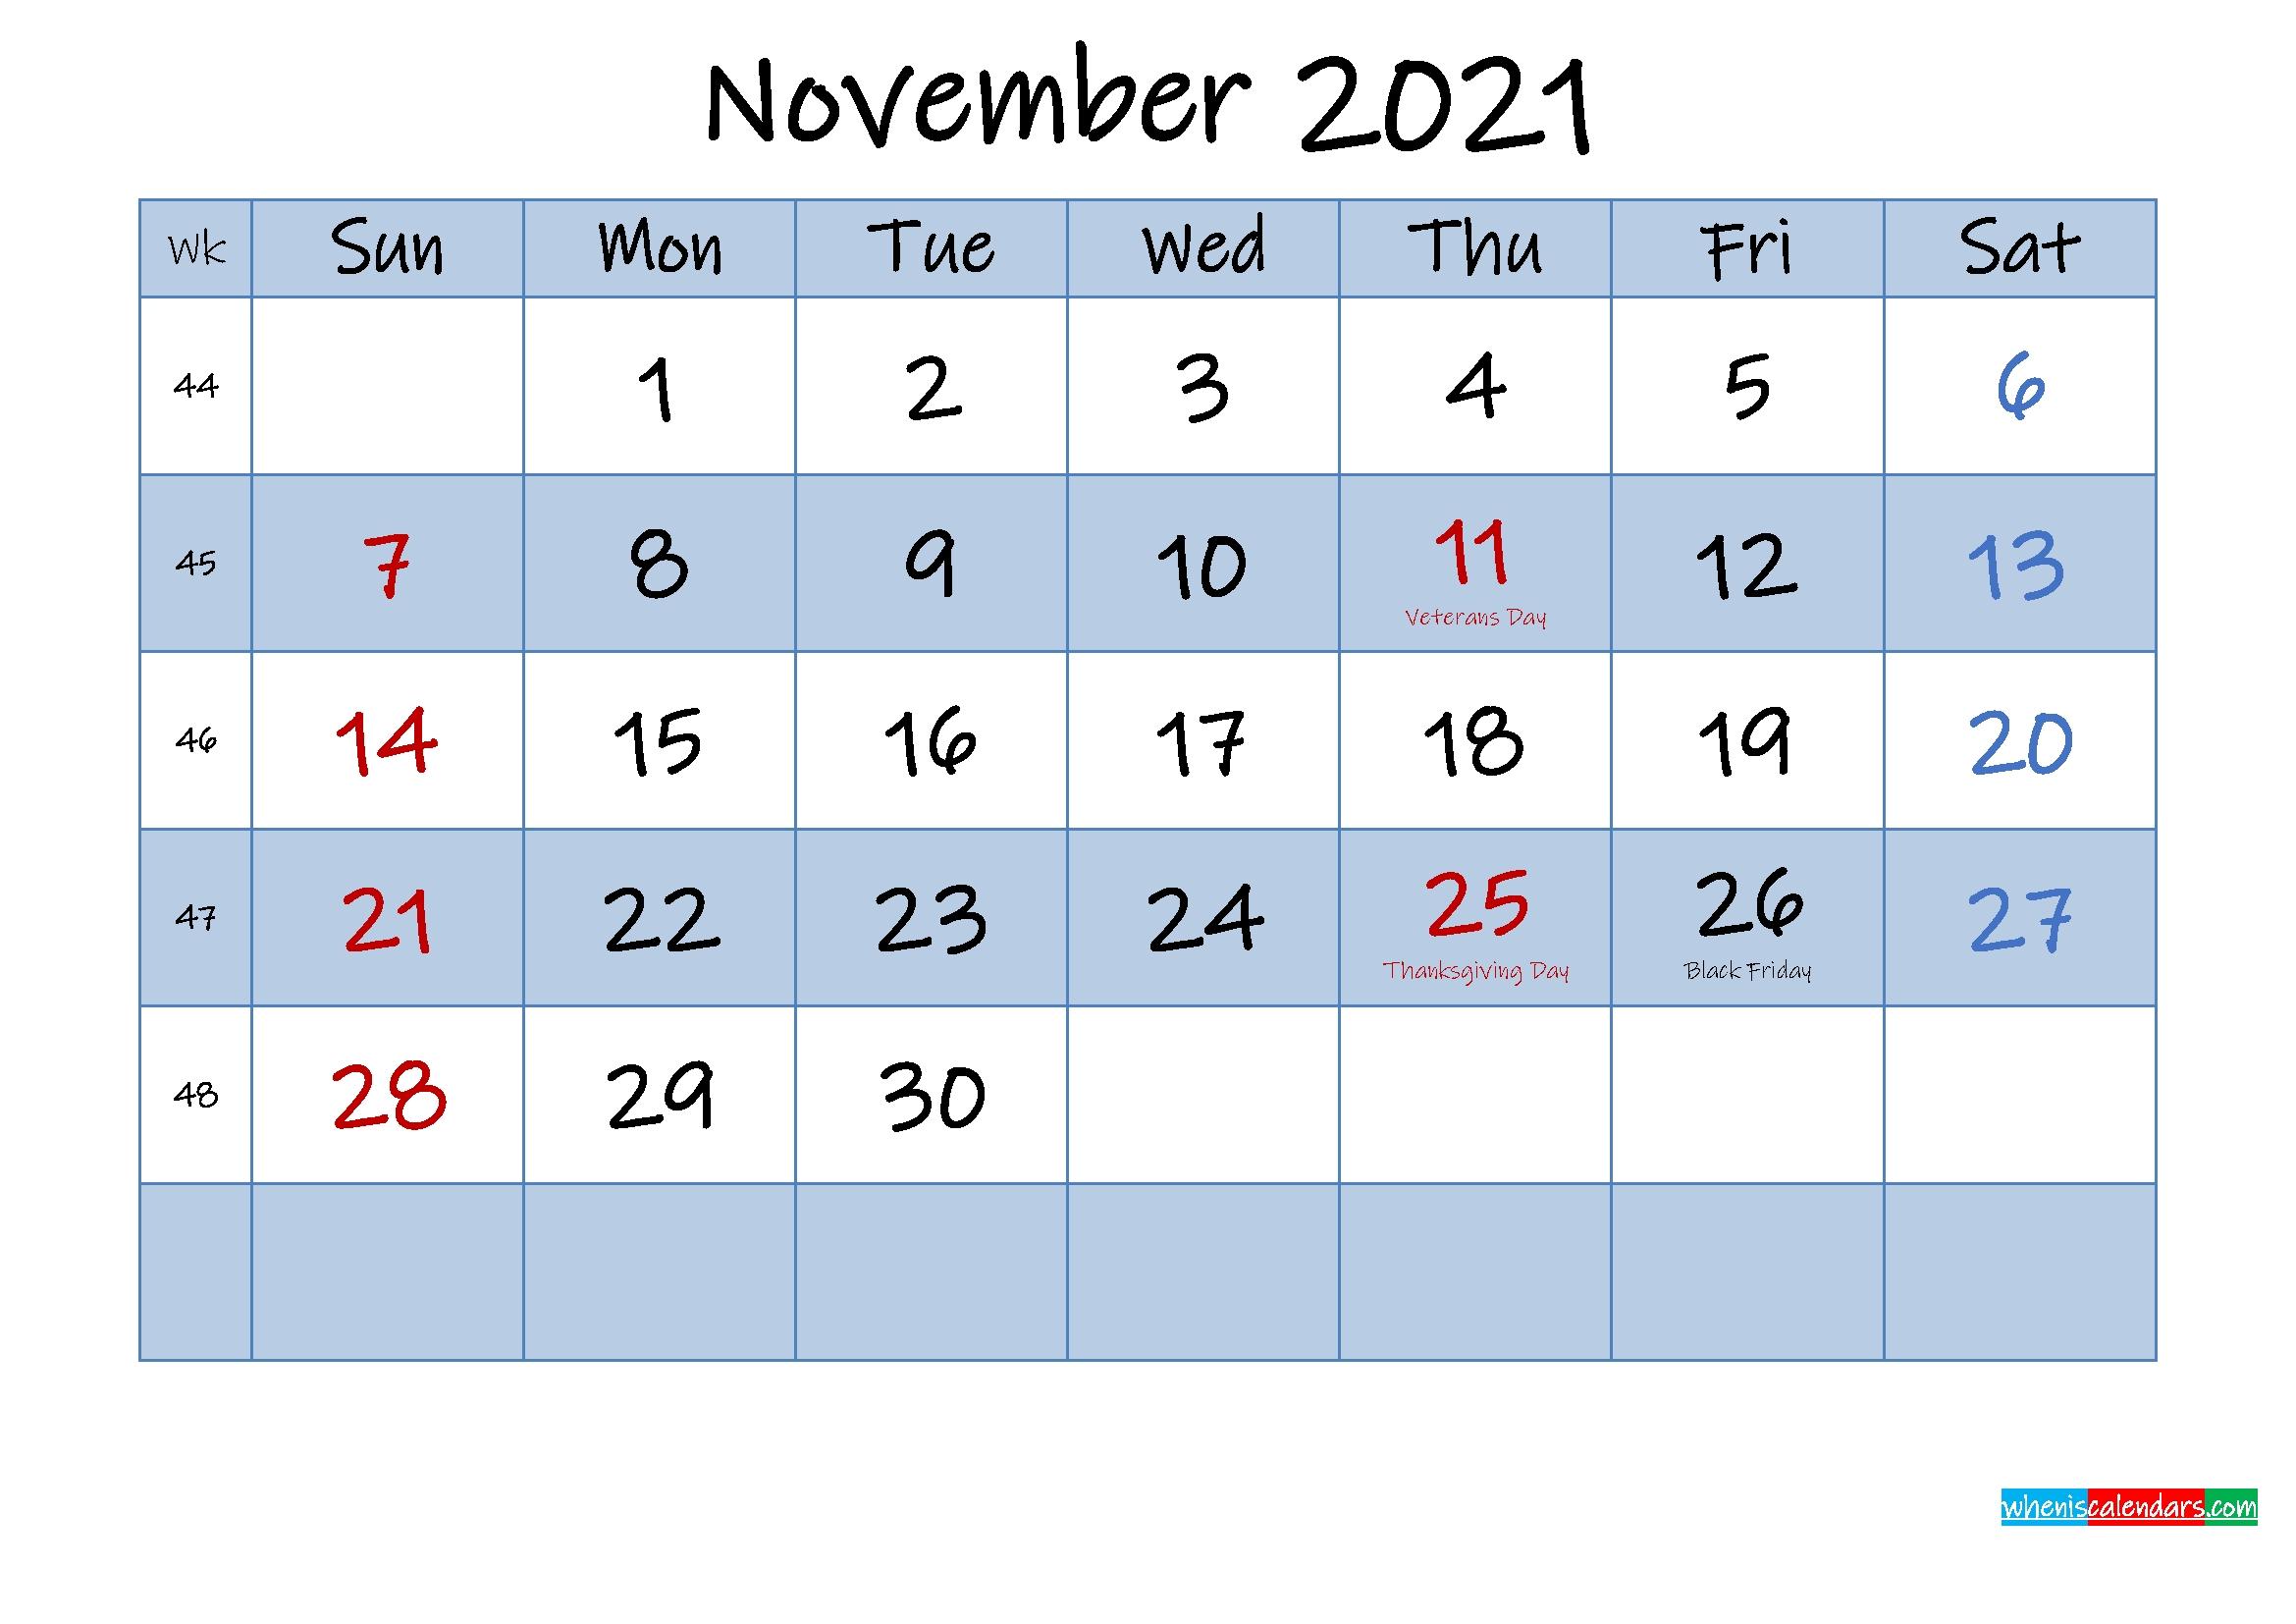 Free November 2021 Monthly Calendar Pdf - Template No.ink21M431 | Free Printable 2020 Calendar Free Printable November 2021 Calendar With Holidays